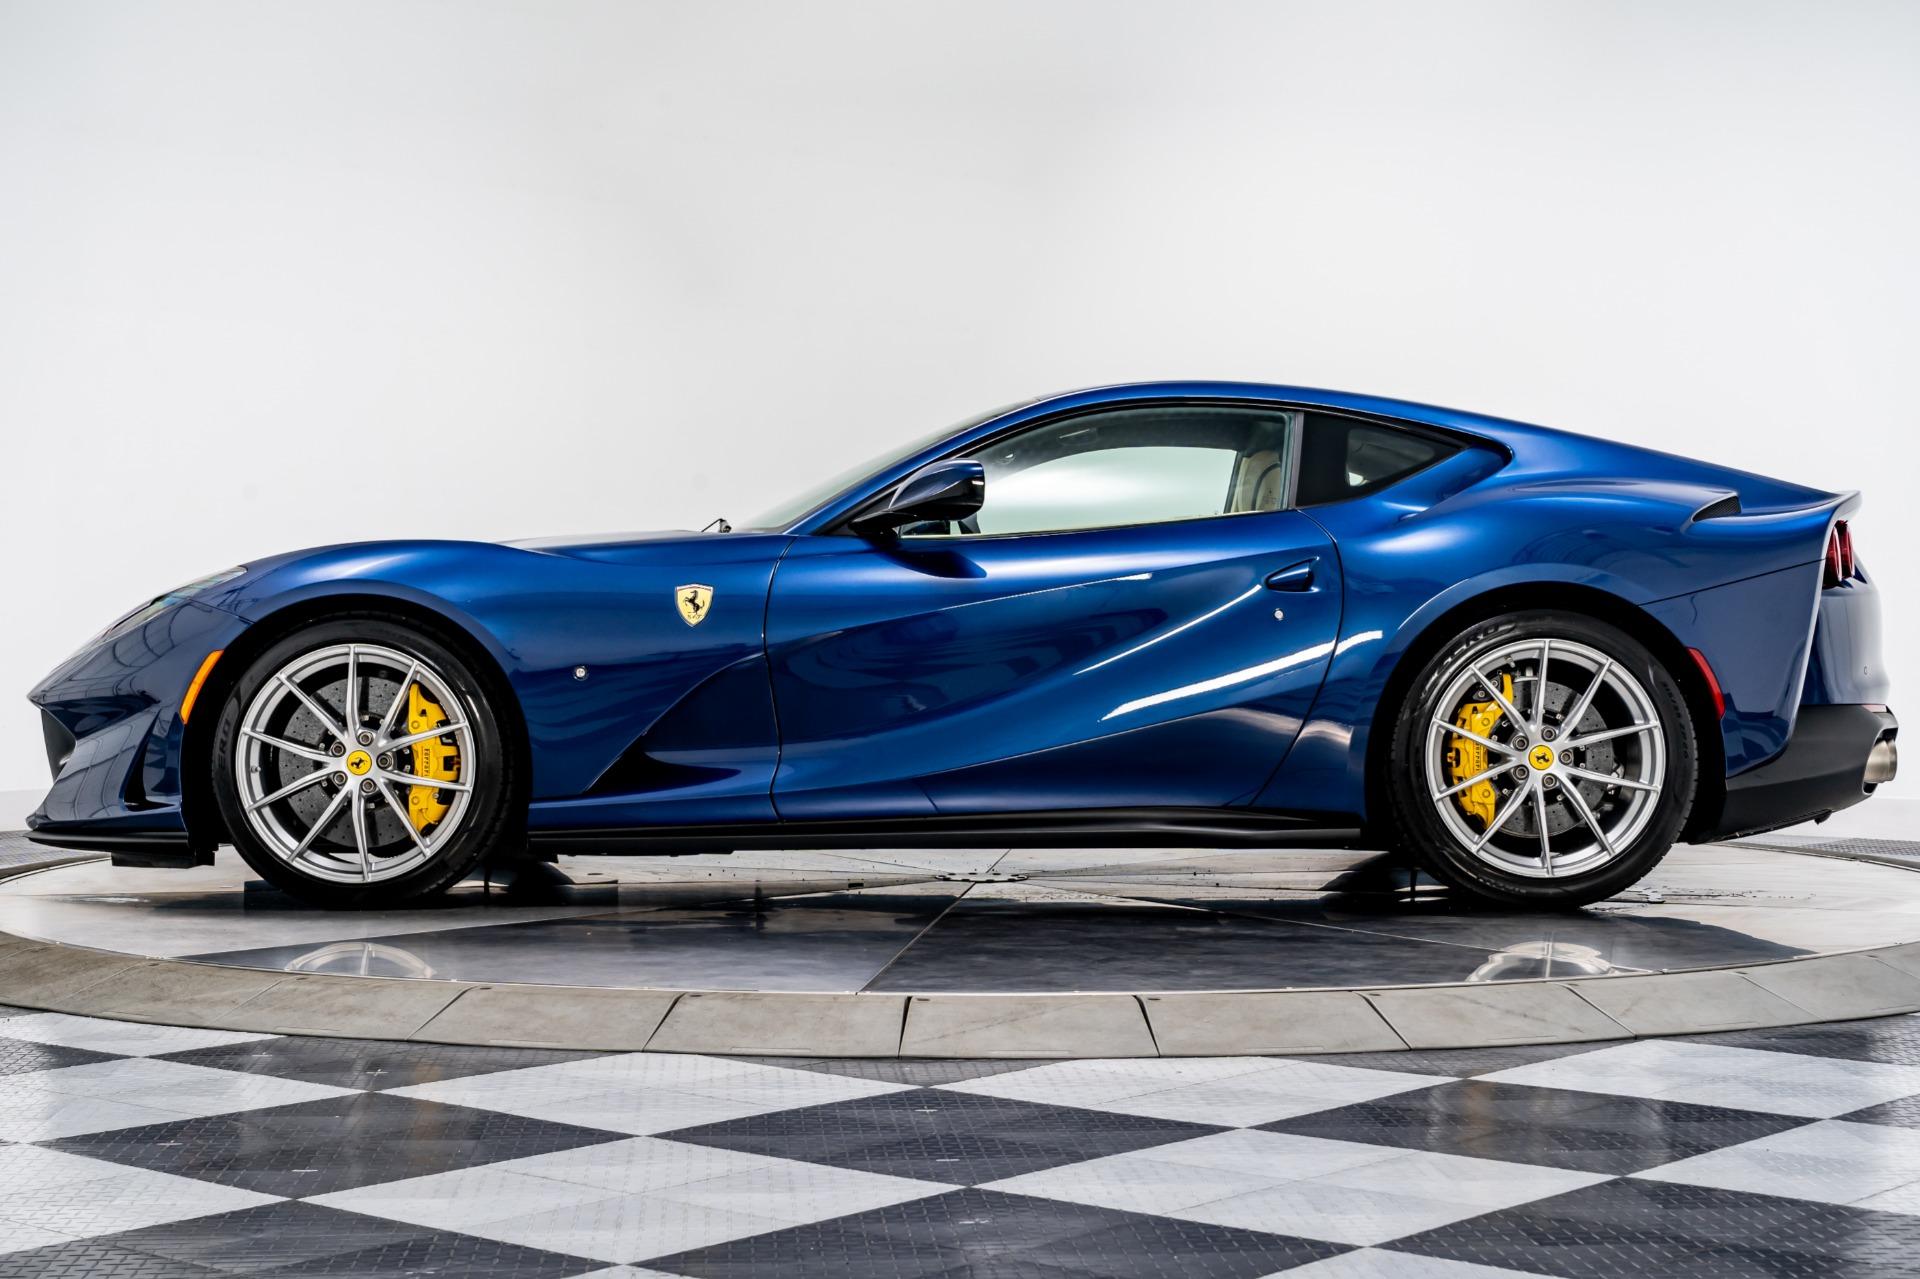 Used 2019 Ferrari 812 Superfast For Sale 449 900 Marshall Goldman Motor Sales Stock B21320